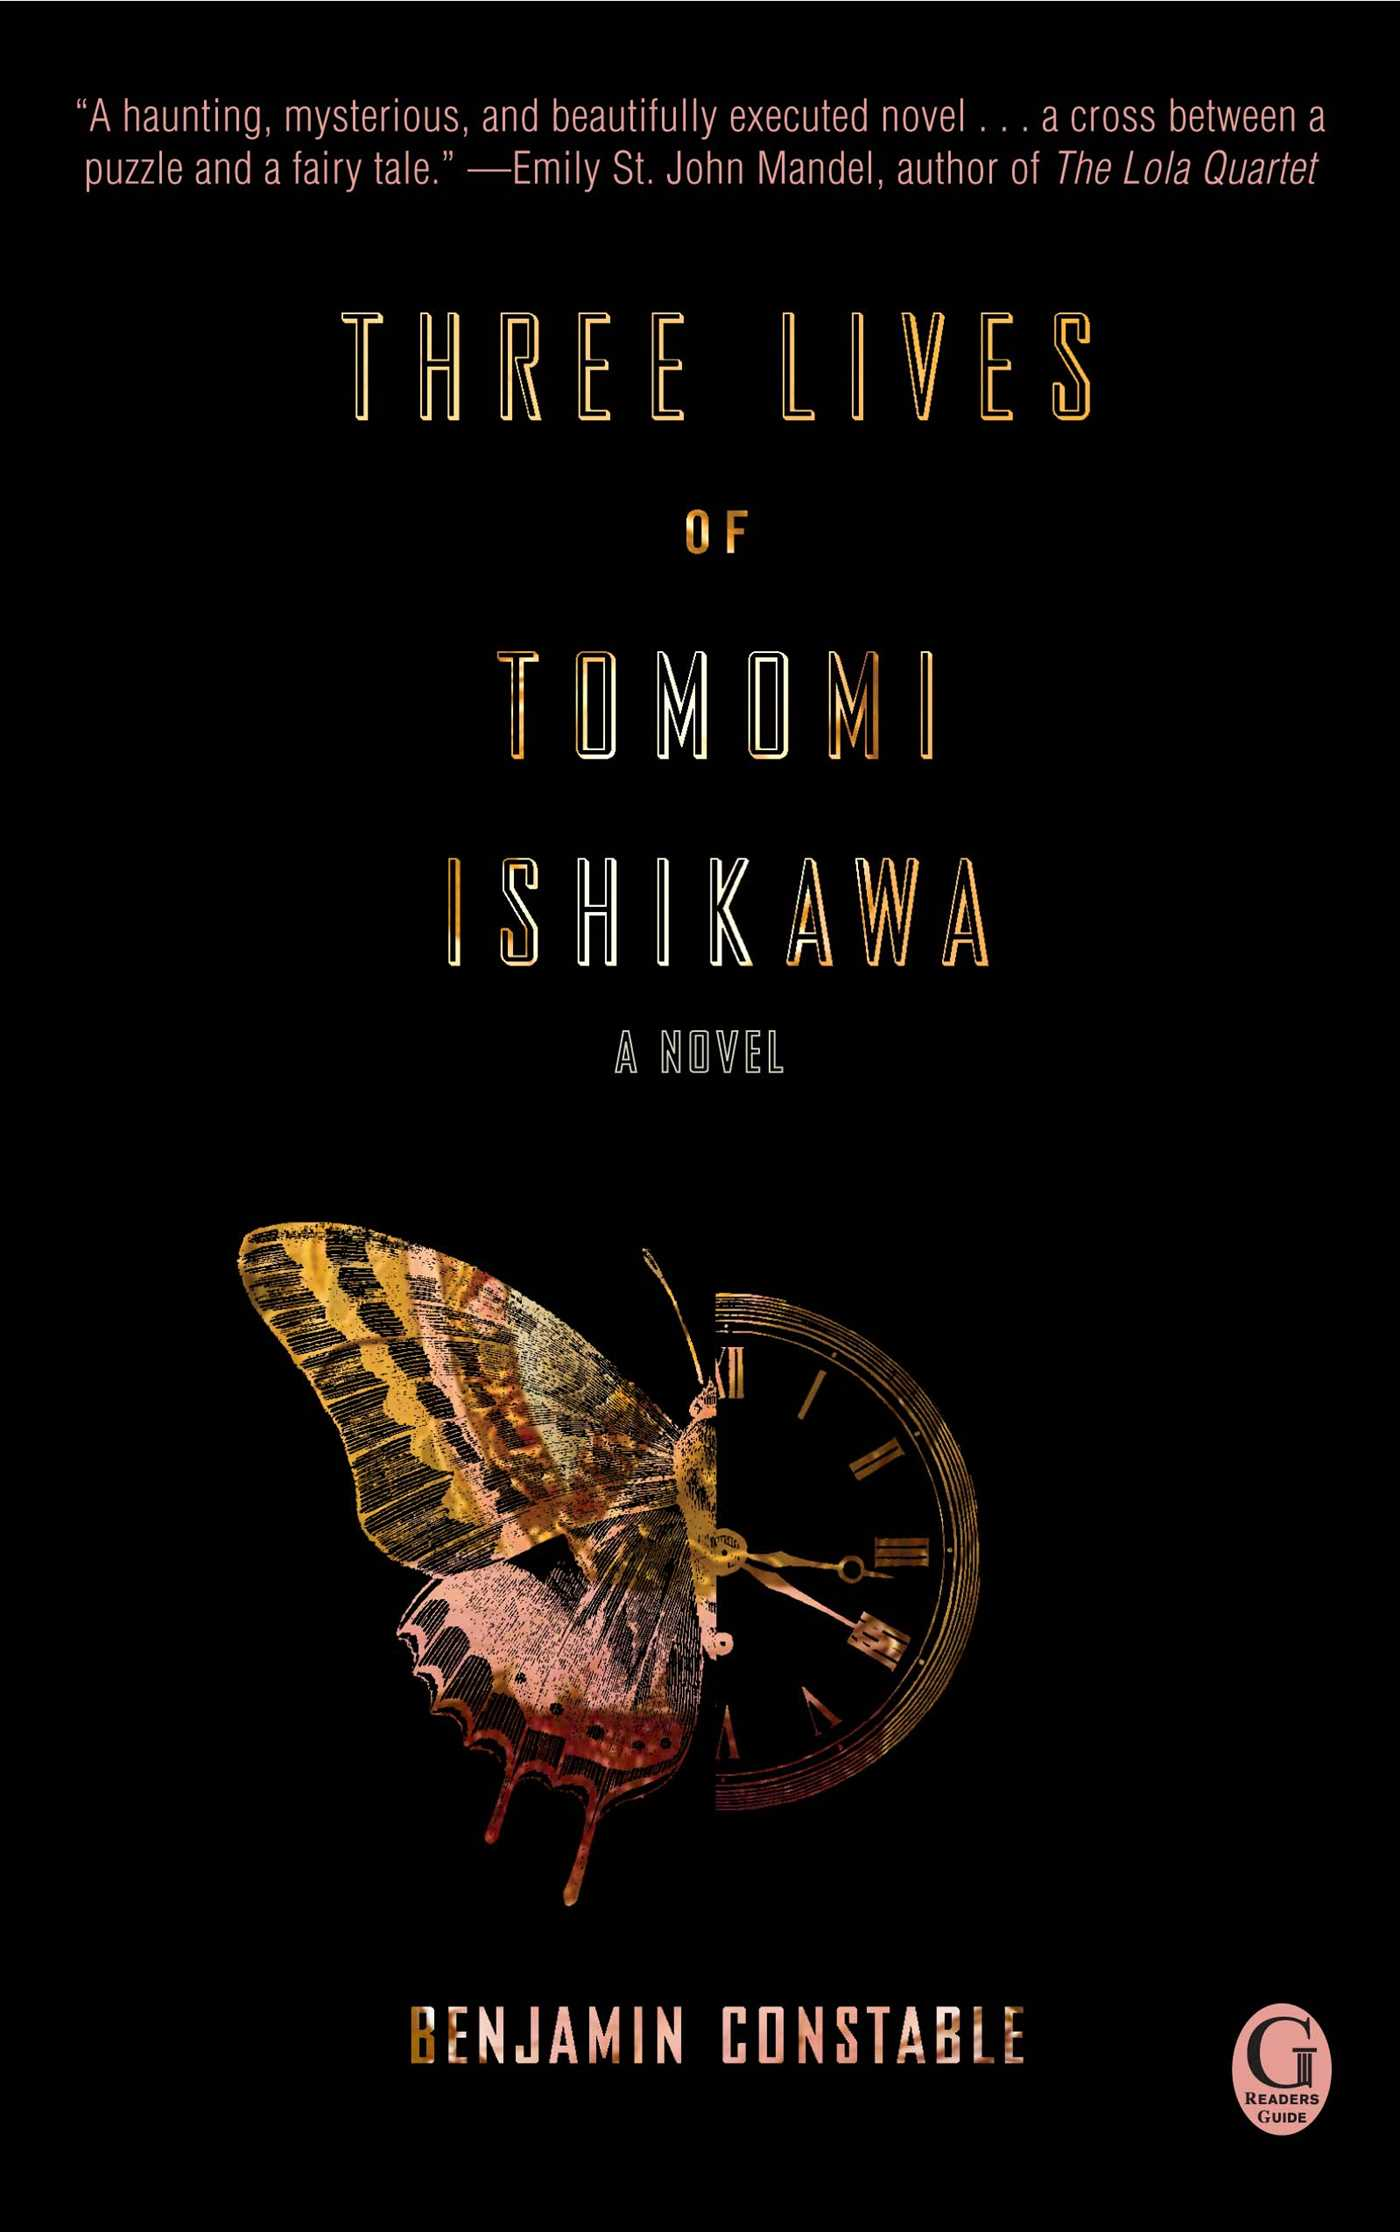 Three lives of tomomi ishikawa 9781451667264 hr